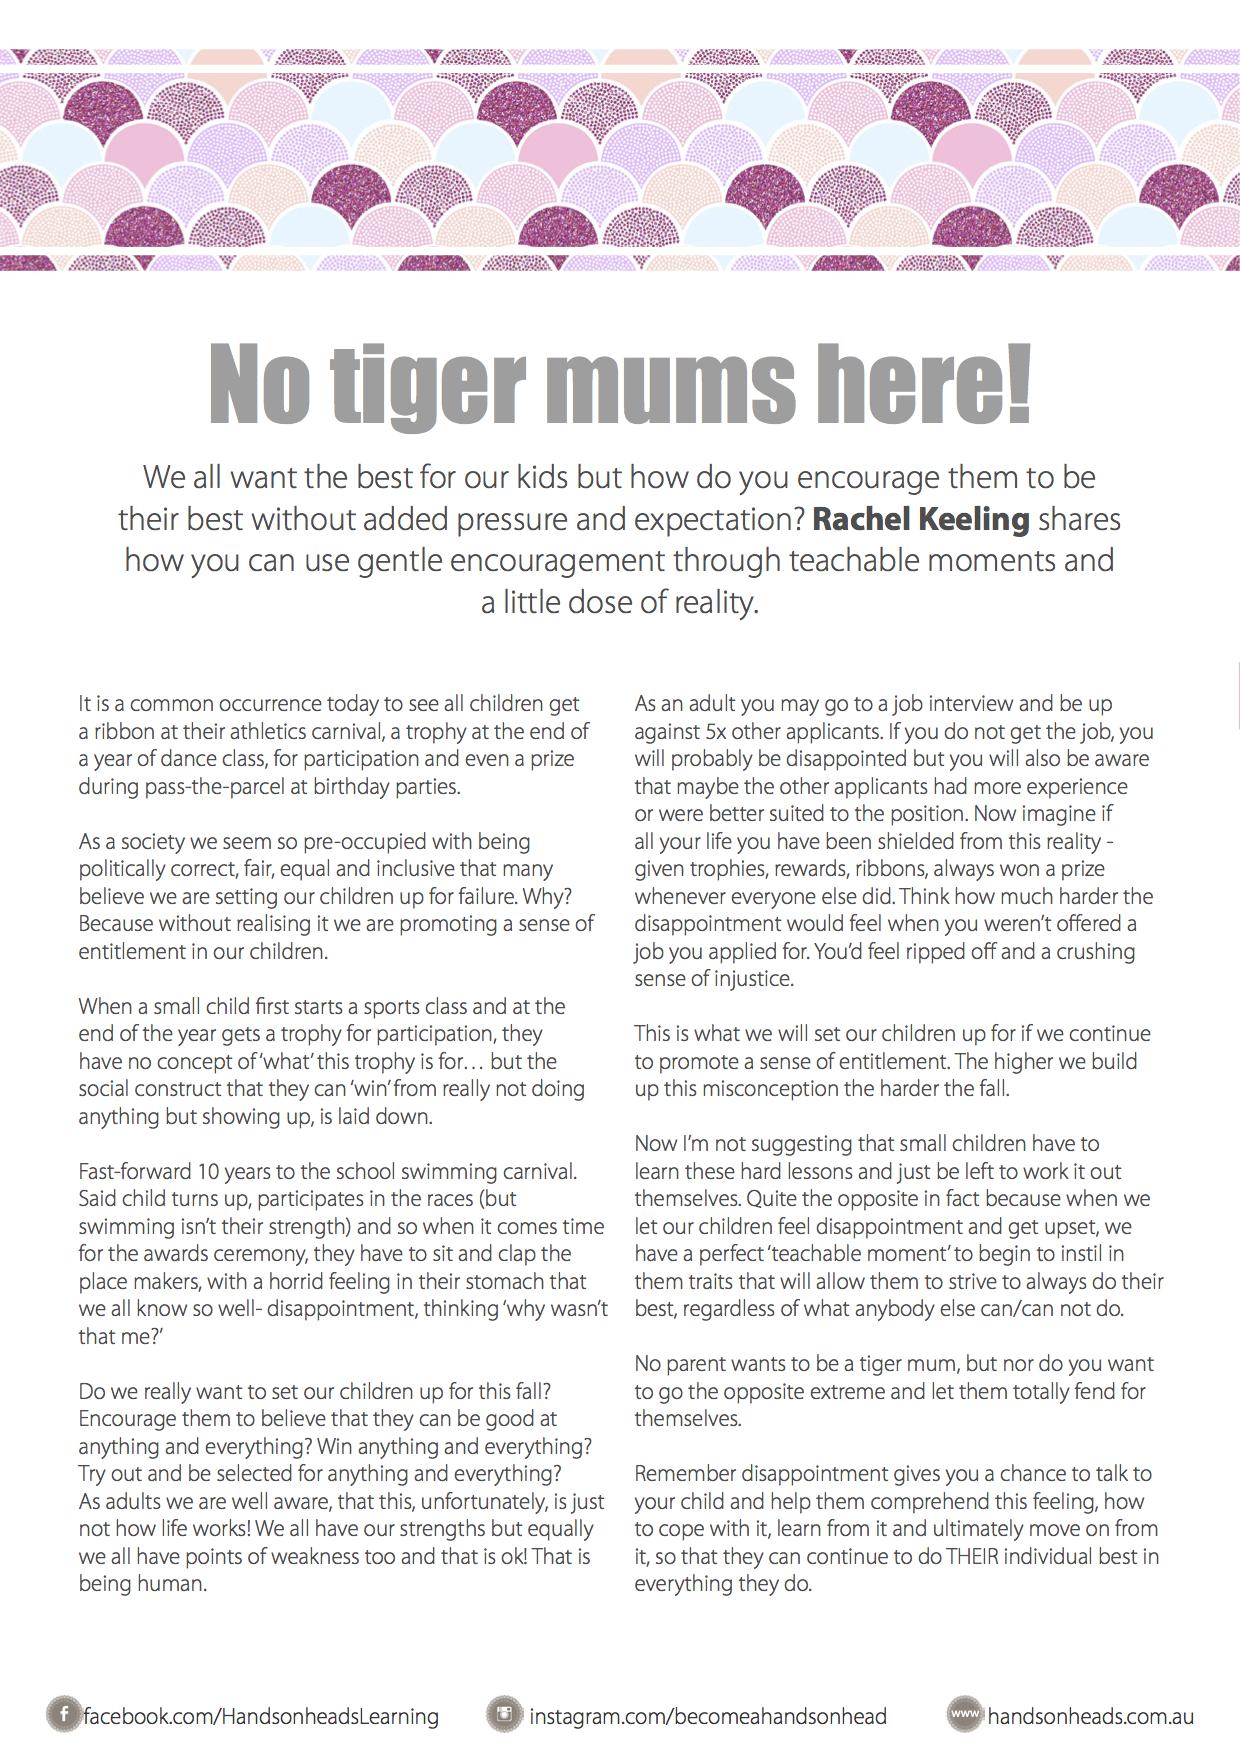 Kid_Magazine_Issue39_NoTigerMums.png